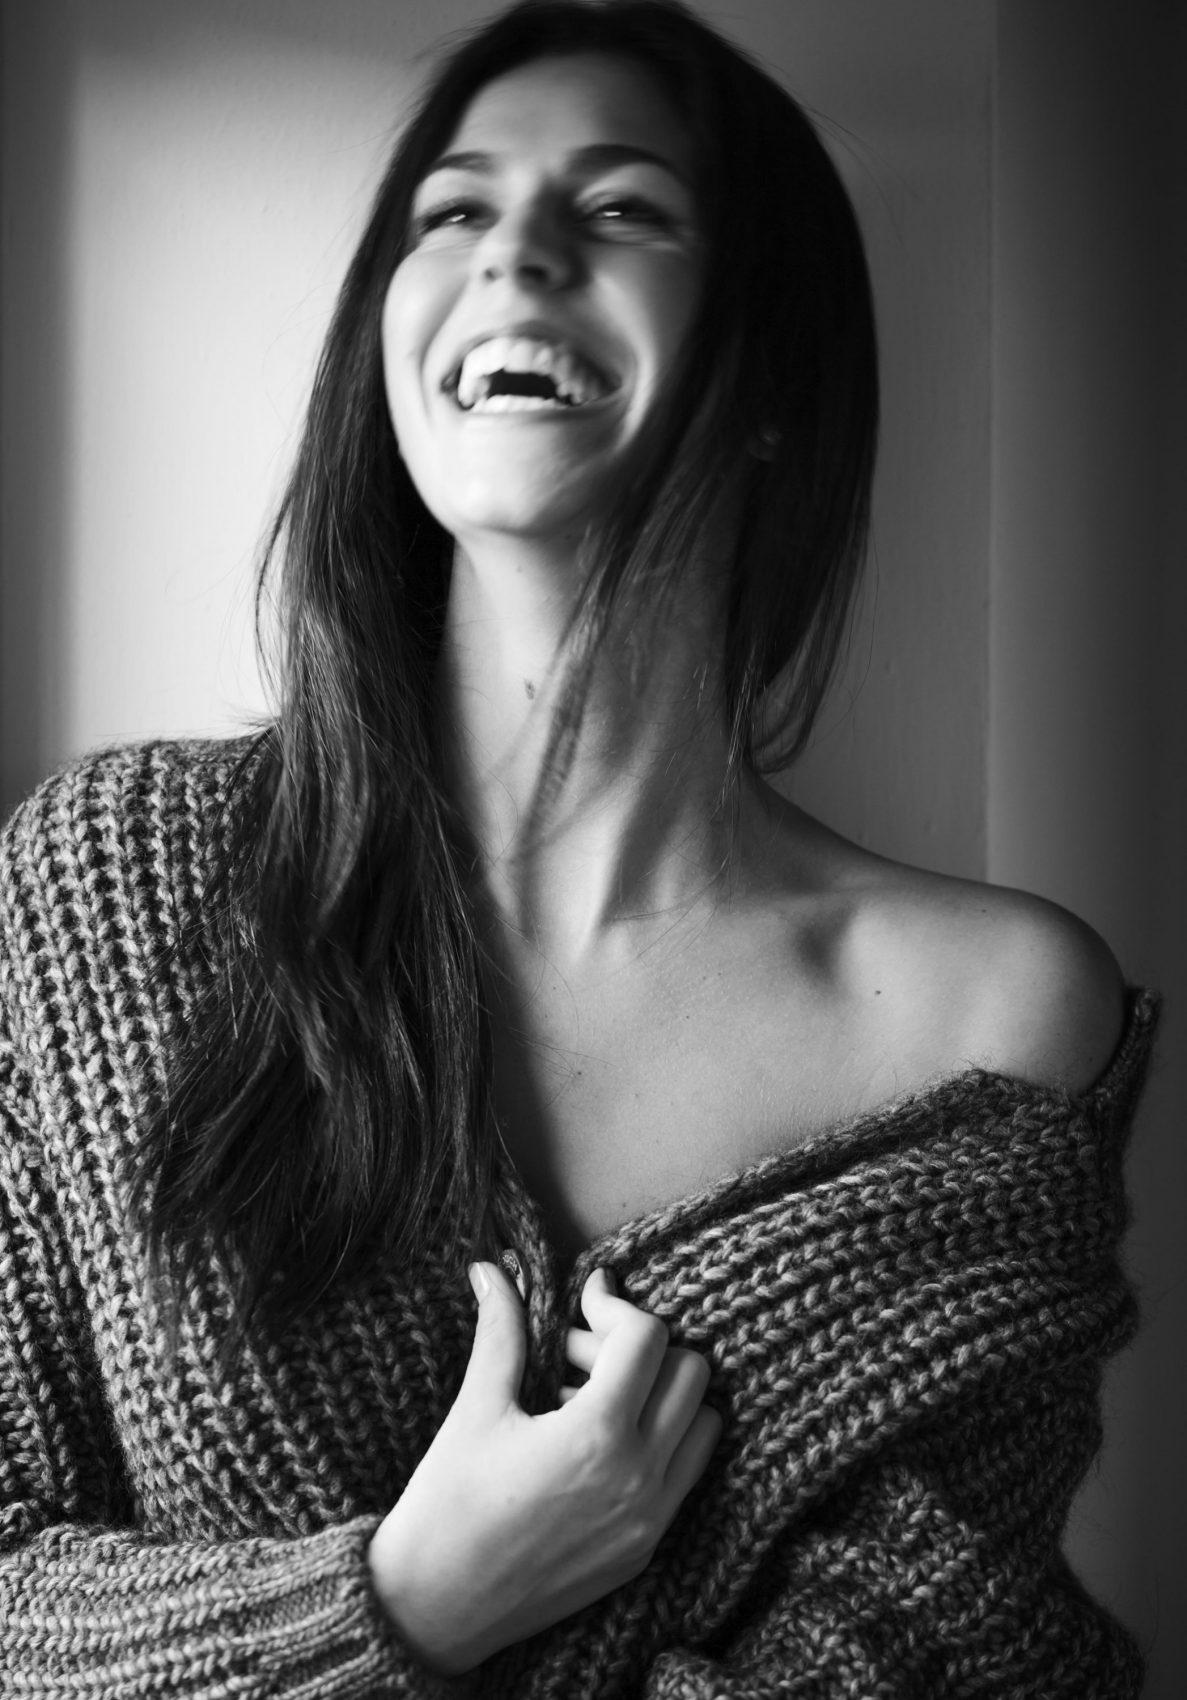 Arianna Torrioli mentre sorride con gli occhi luminosi e maglione a pelle